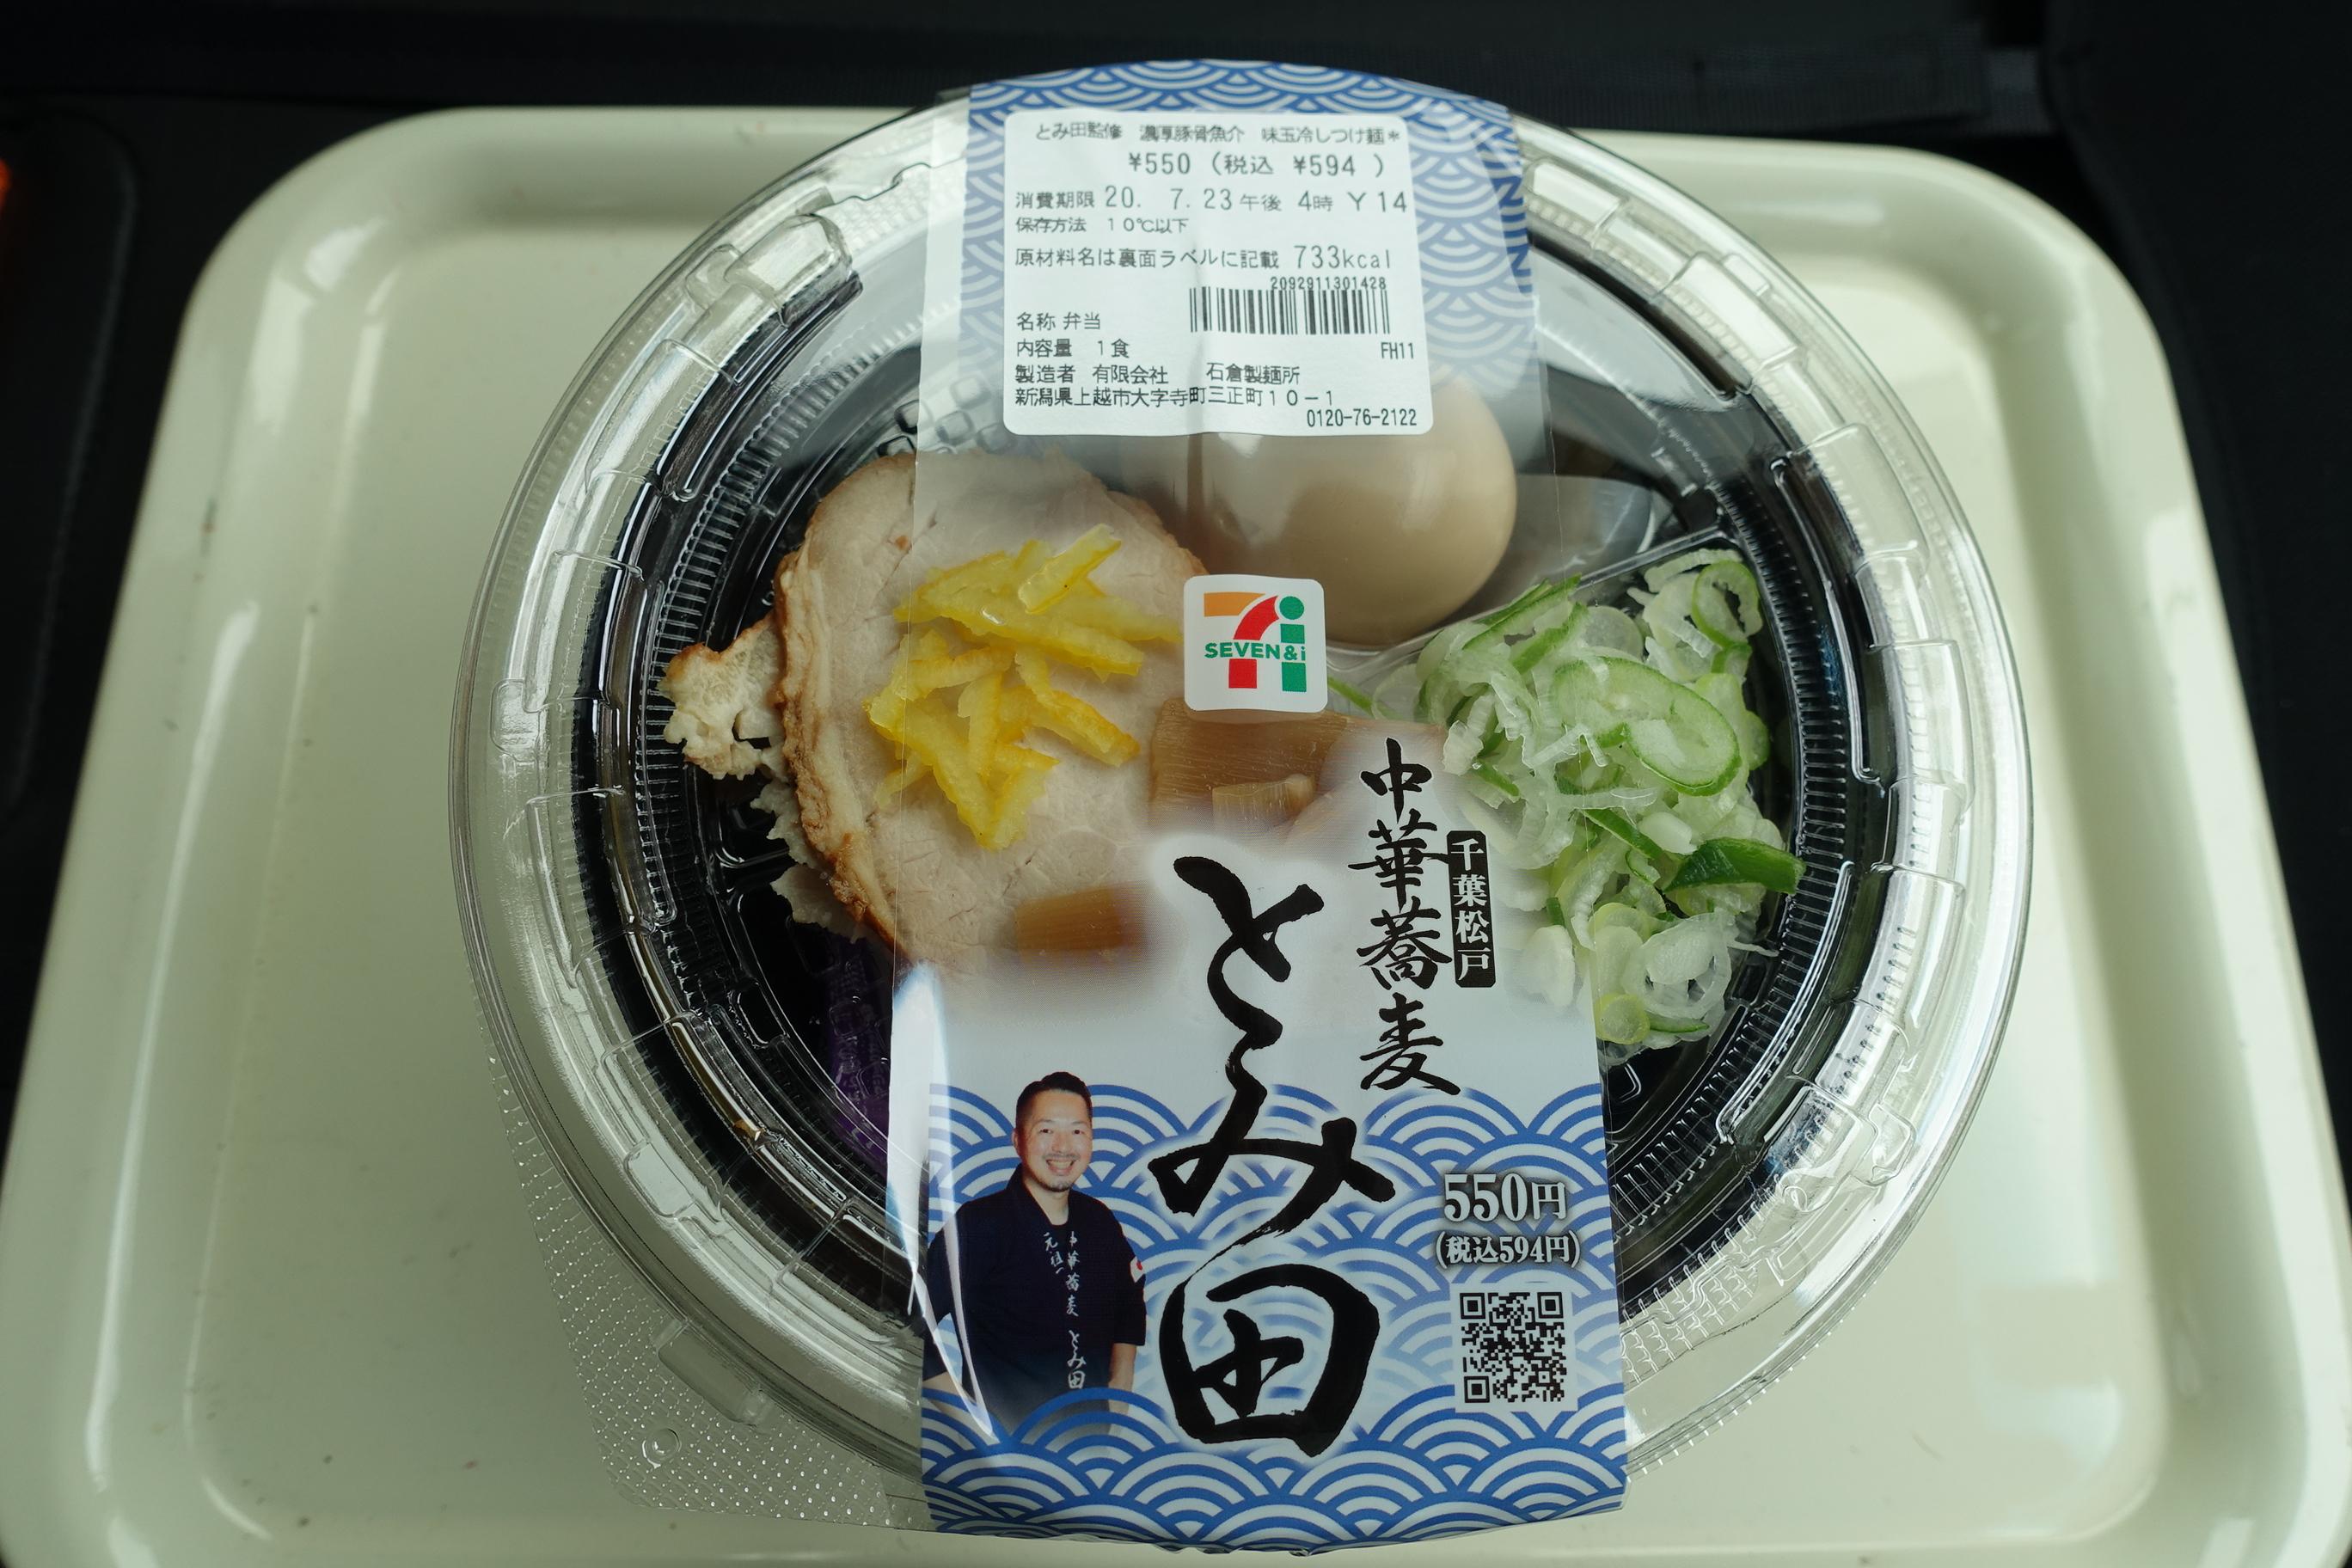 つけ麺 とみ セブン 田